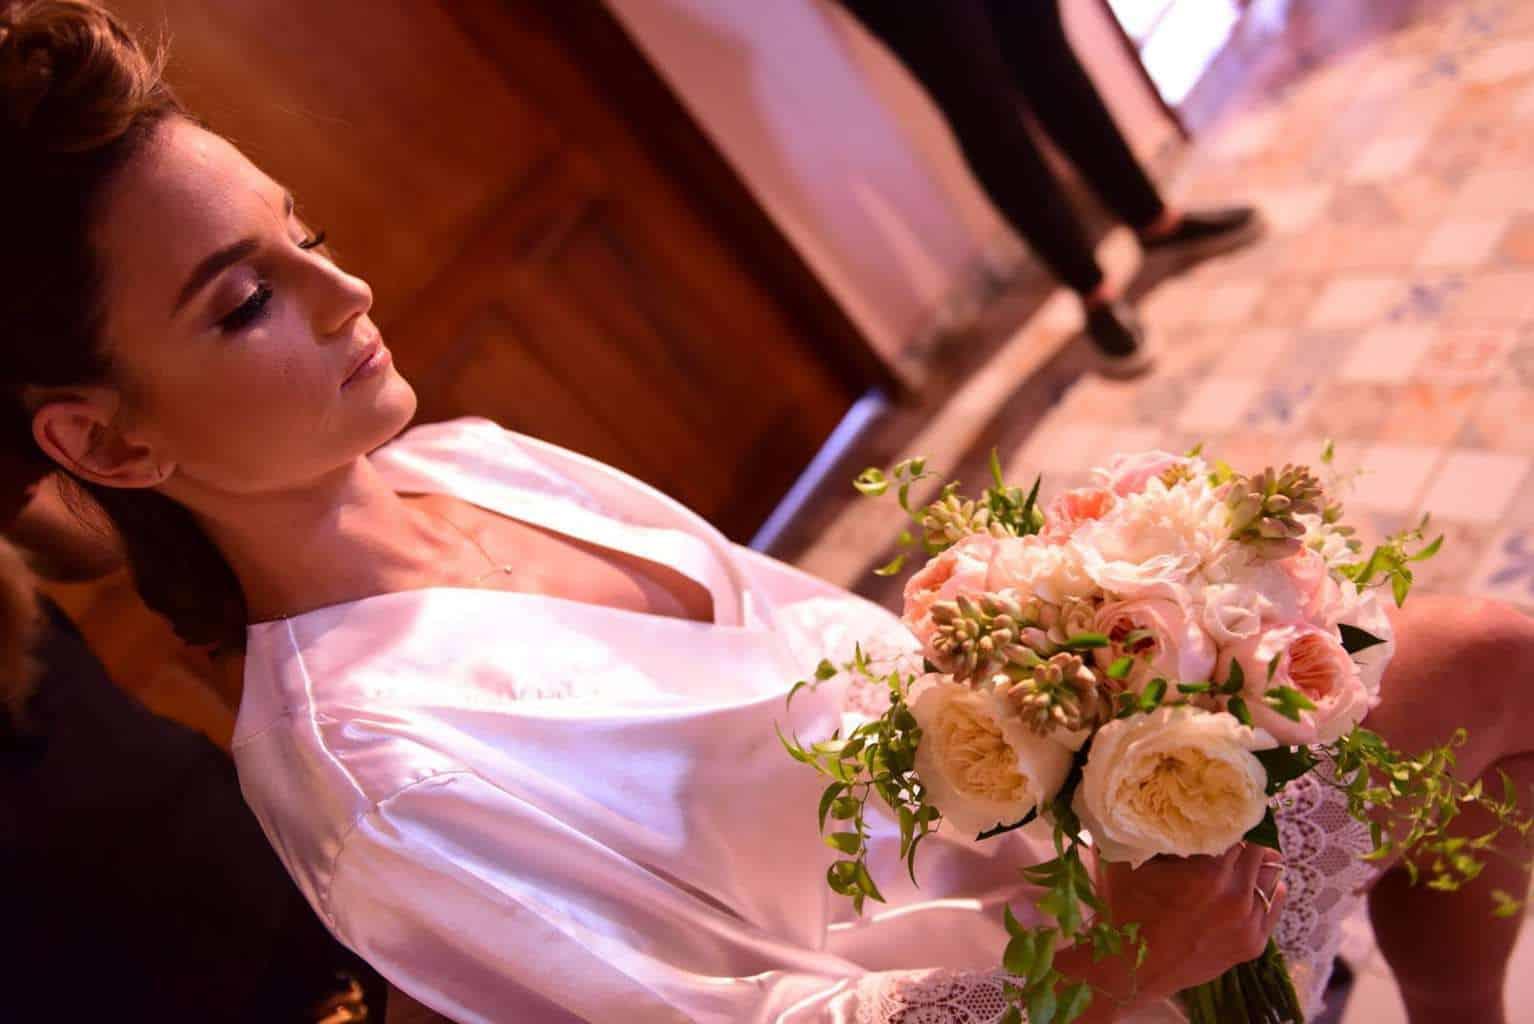 acessórios-casamento-boho-Casamento-Nicolle-e-Pedro-casamento-rosa-Estalagem-Alter-Real-Fotografia-Estudio-Maria-Celia-Siqueira-Fotografia-Rosana-Sales-Goiania-grinalda-making-of-47